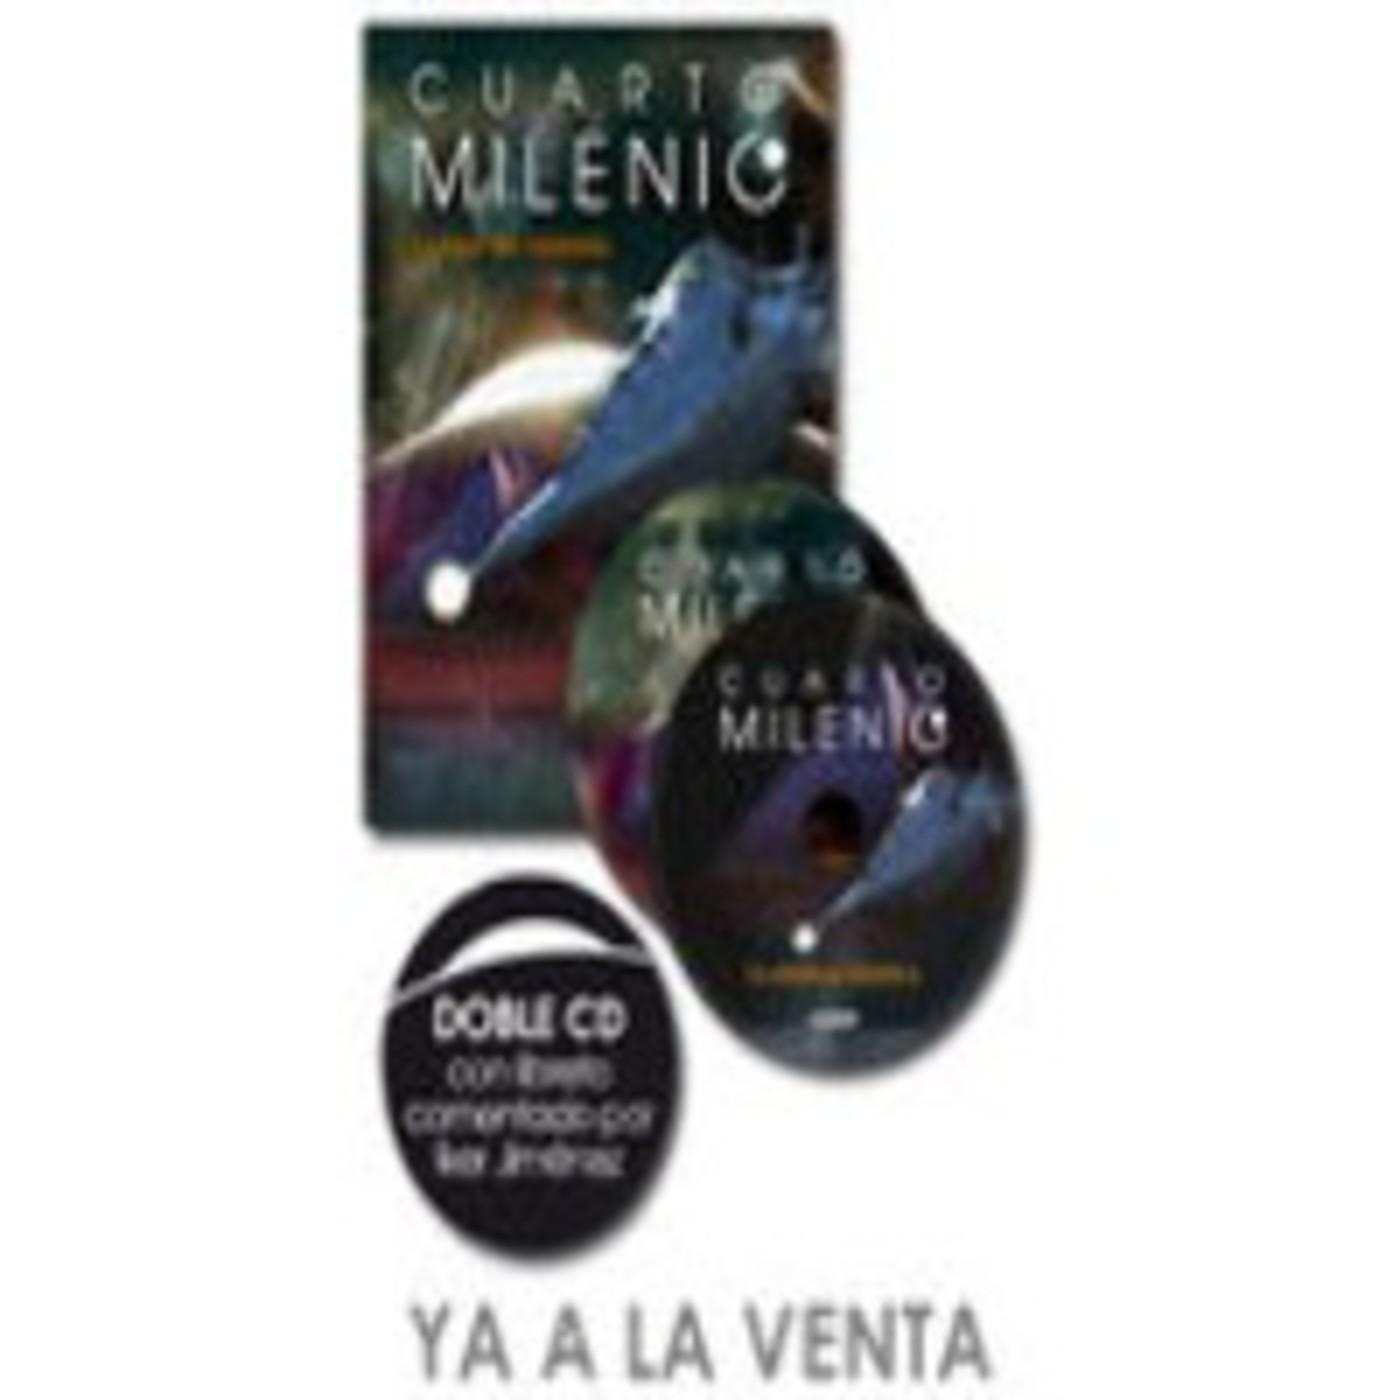 Cuarto Milenio.La Musica de La Nave del Misterio (2de2): La Musica ...